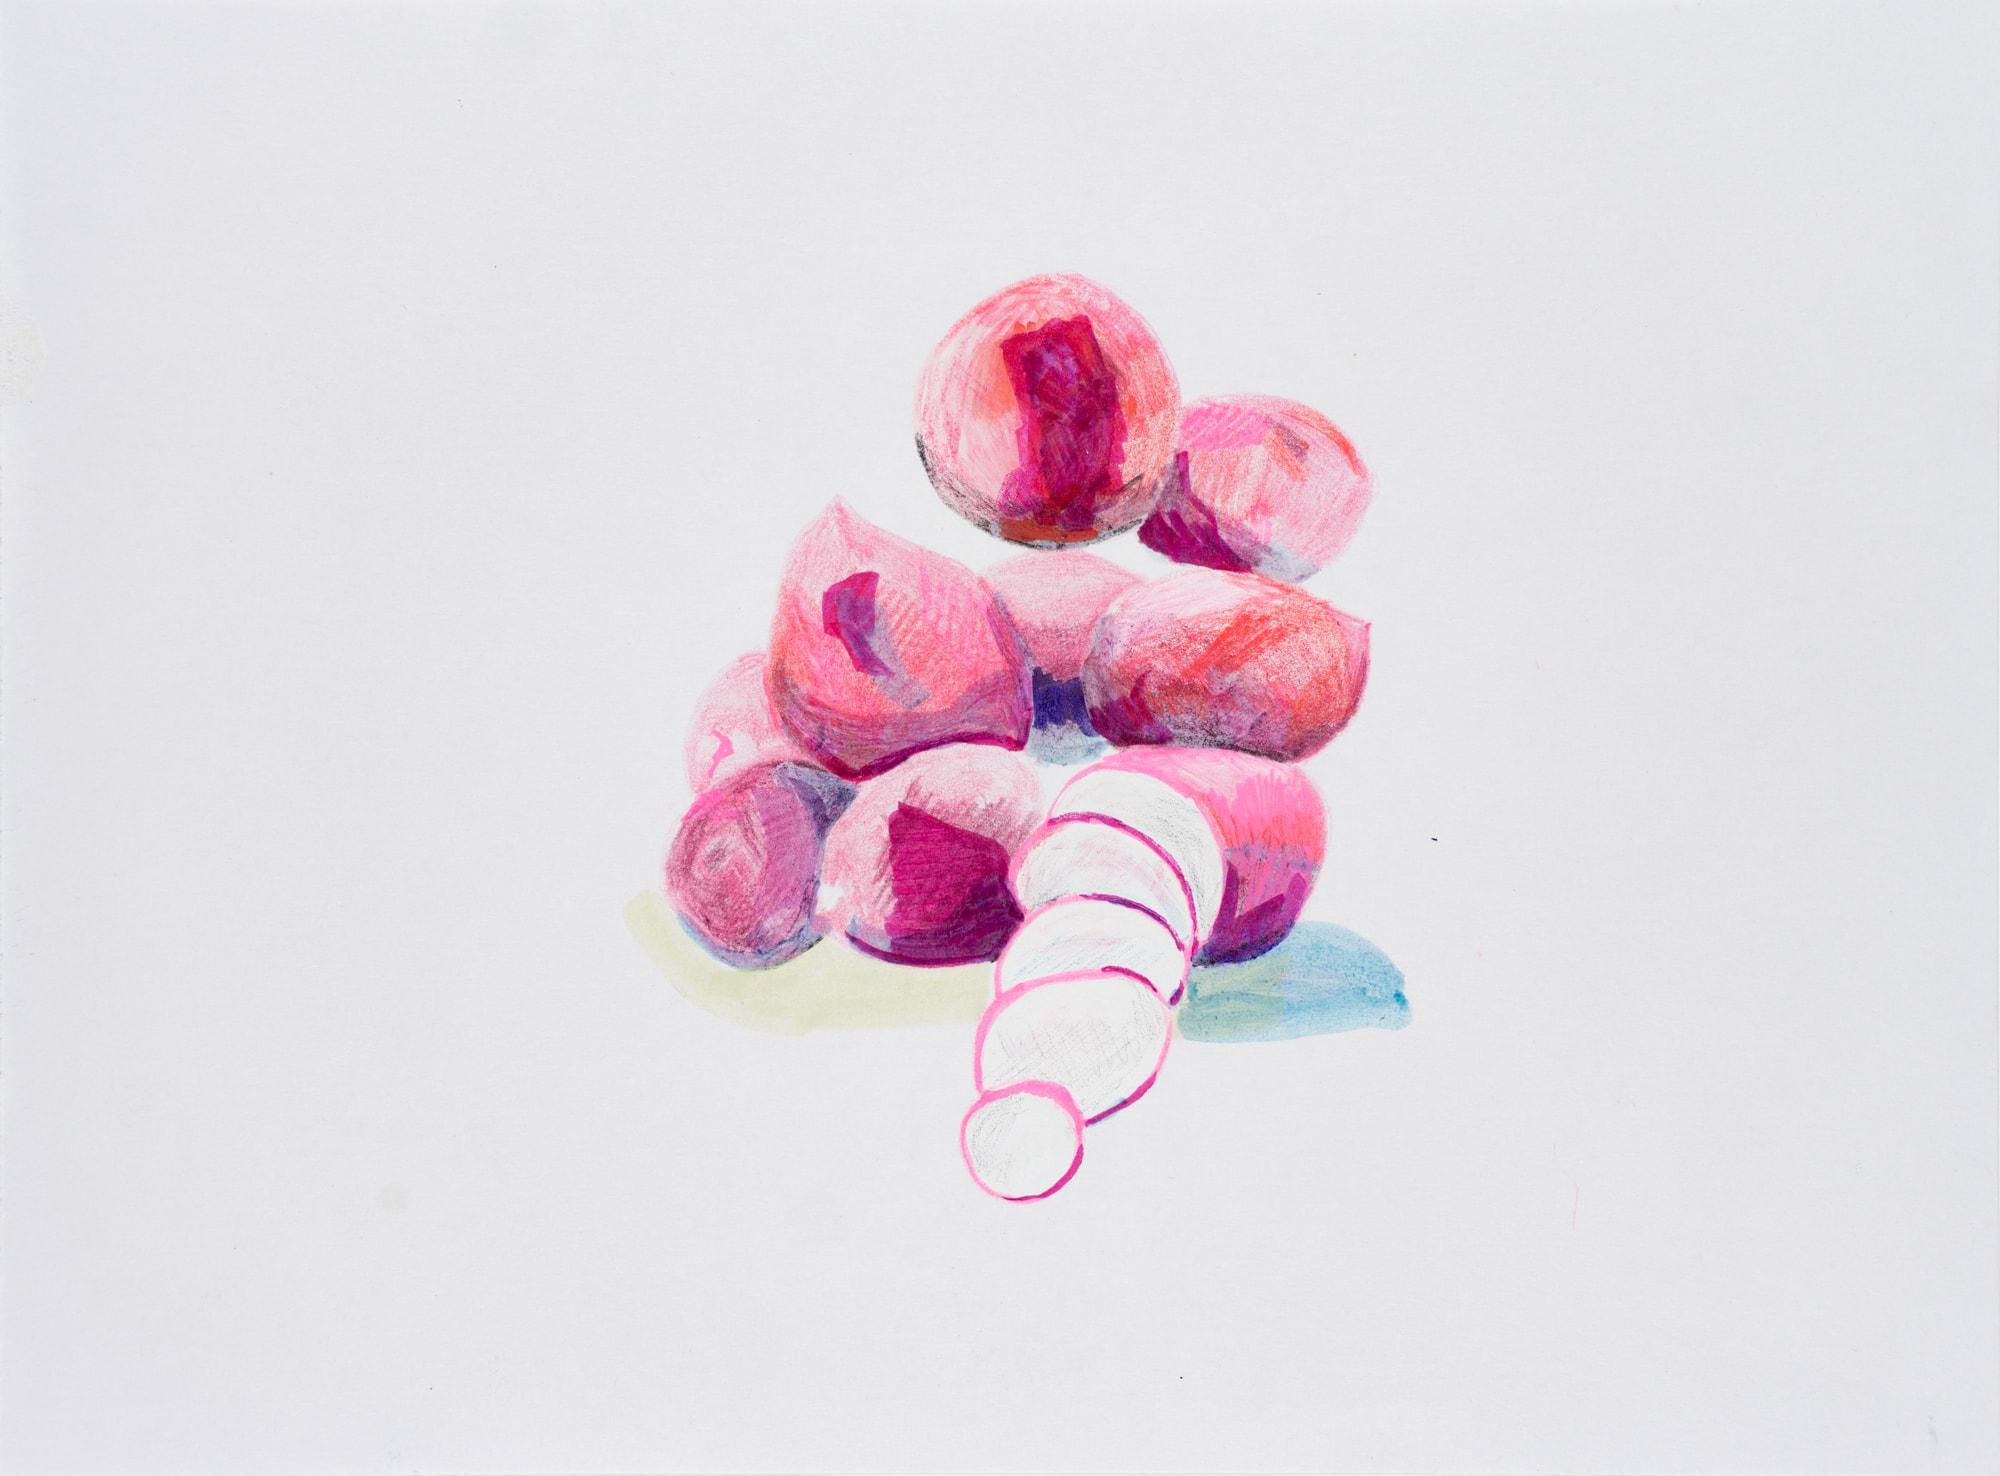 Zeichnung, Acrylmarker, Farbstift und Mischtechnik auf Papier, 28,5x21cm, Radieschen, Künstlerin: Franziska King